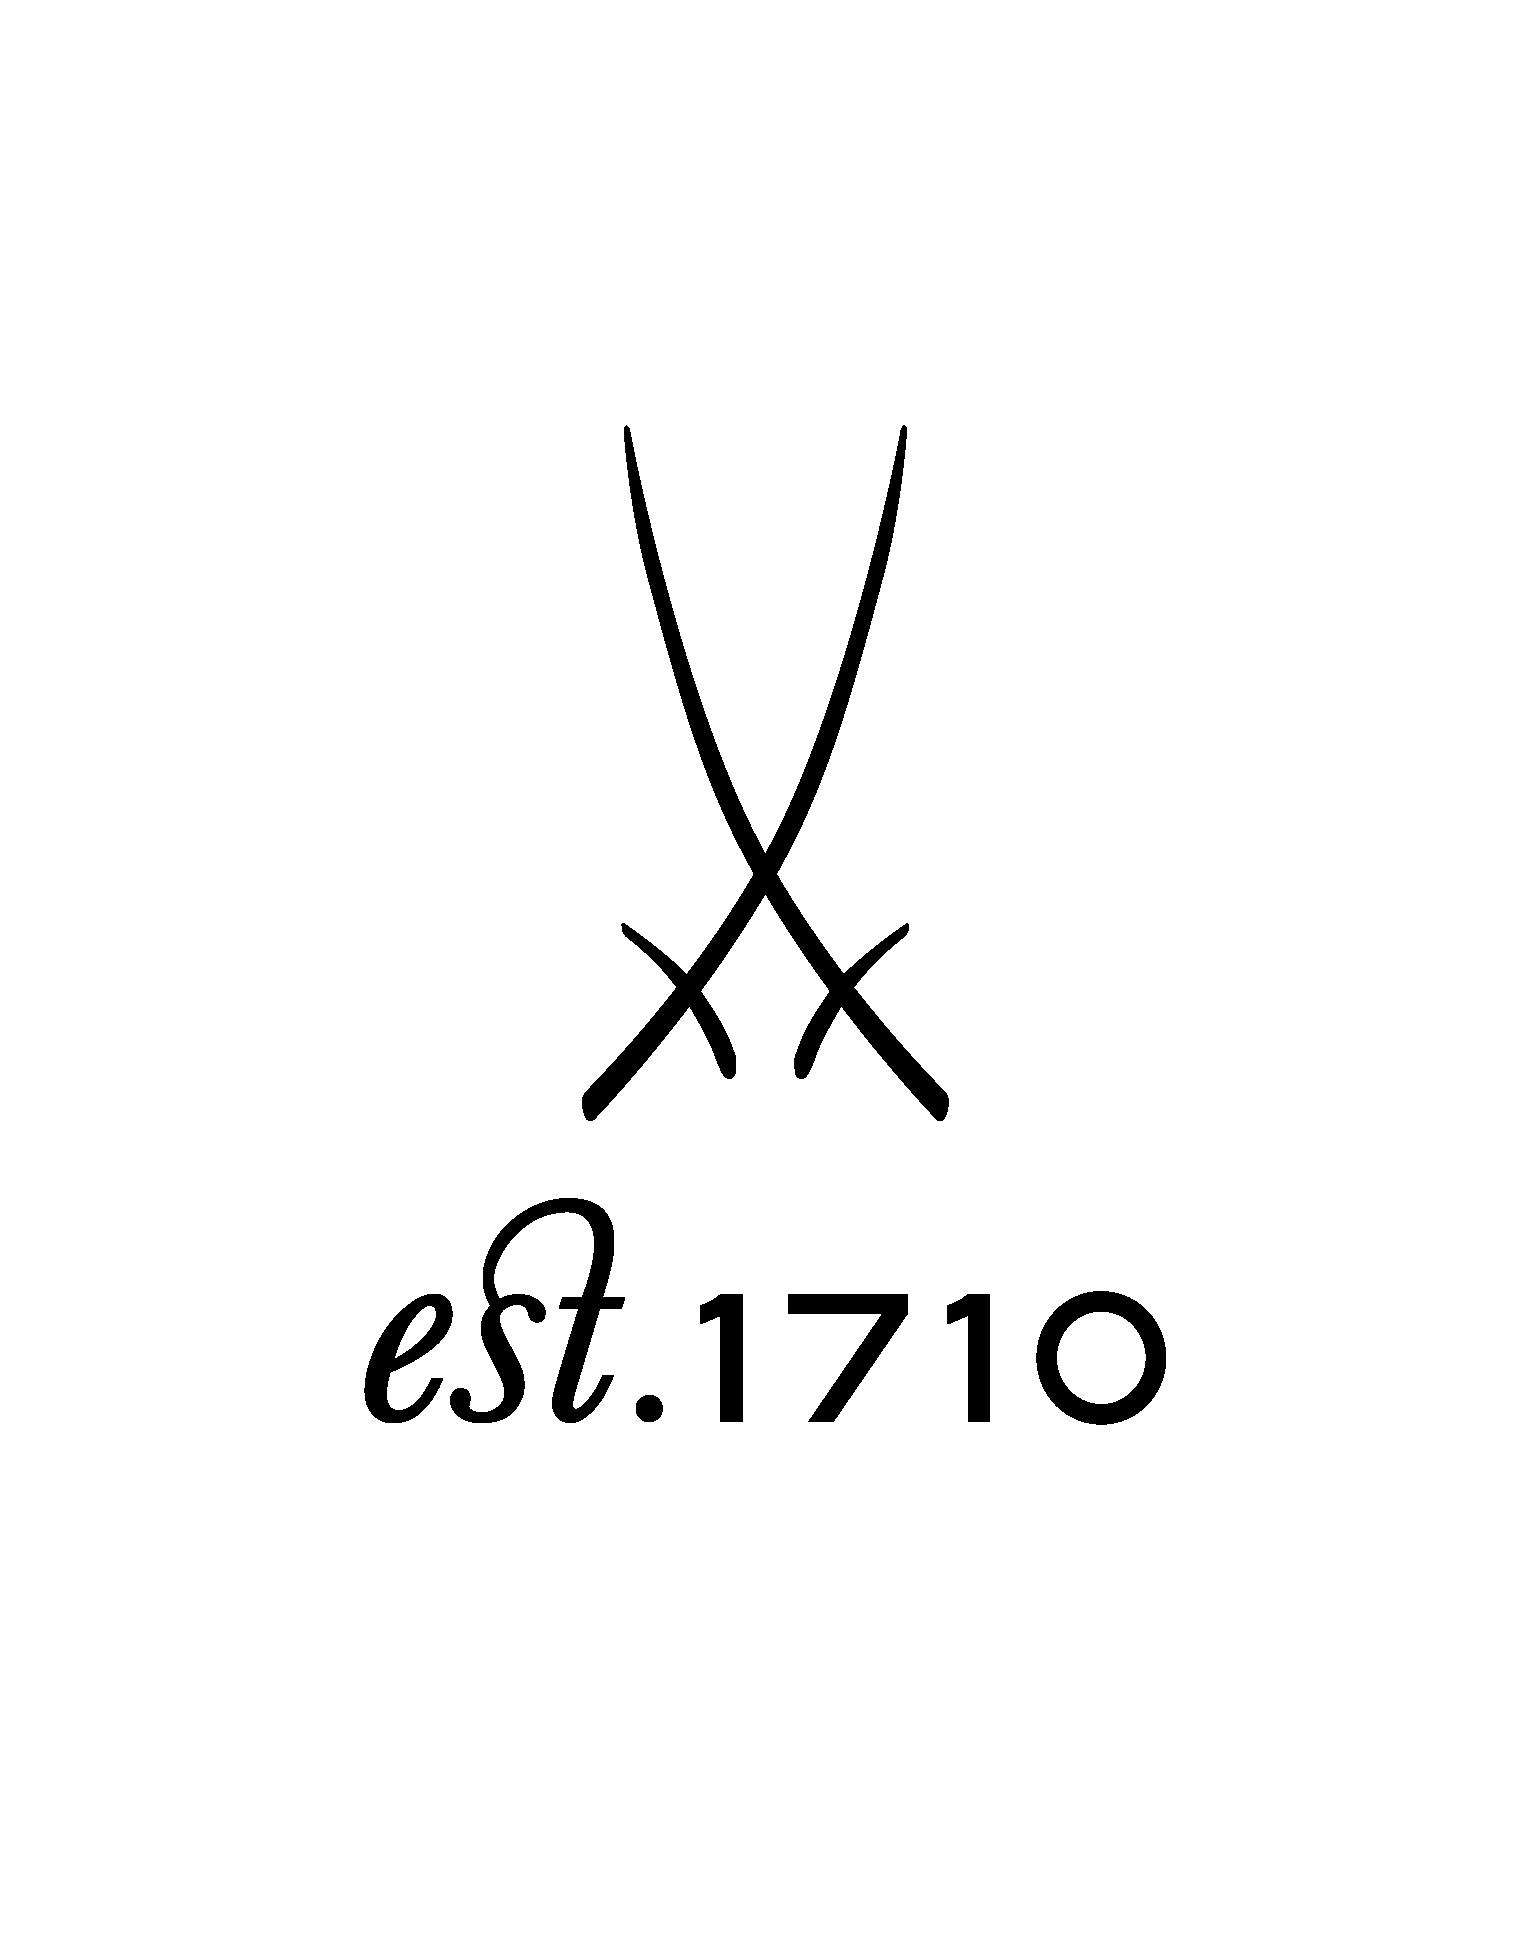 zeichenflache-13x